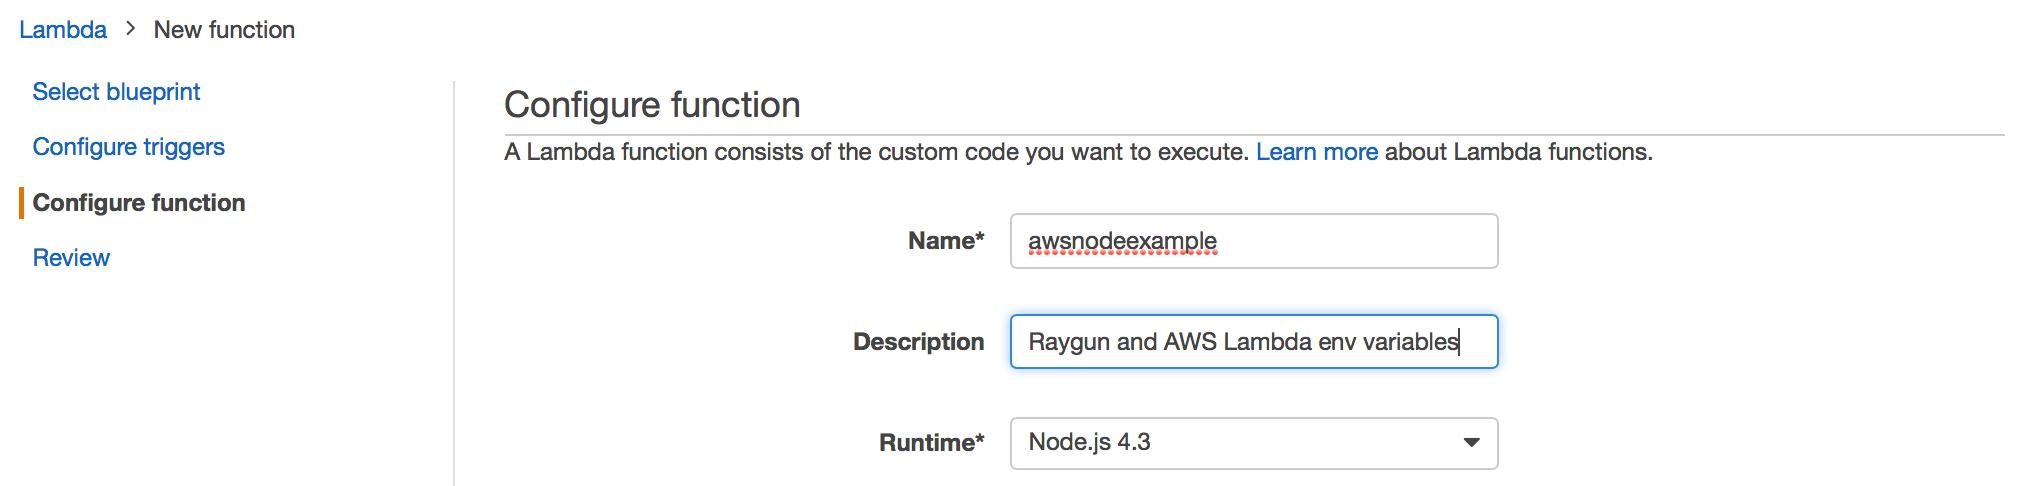 aws lambda config function